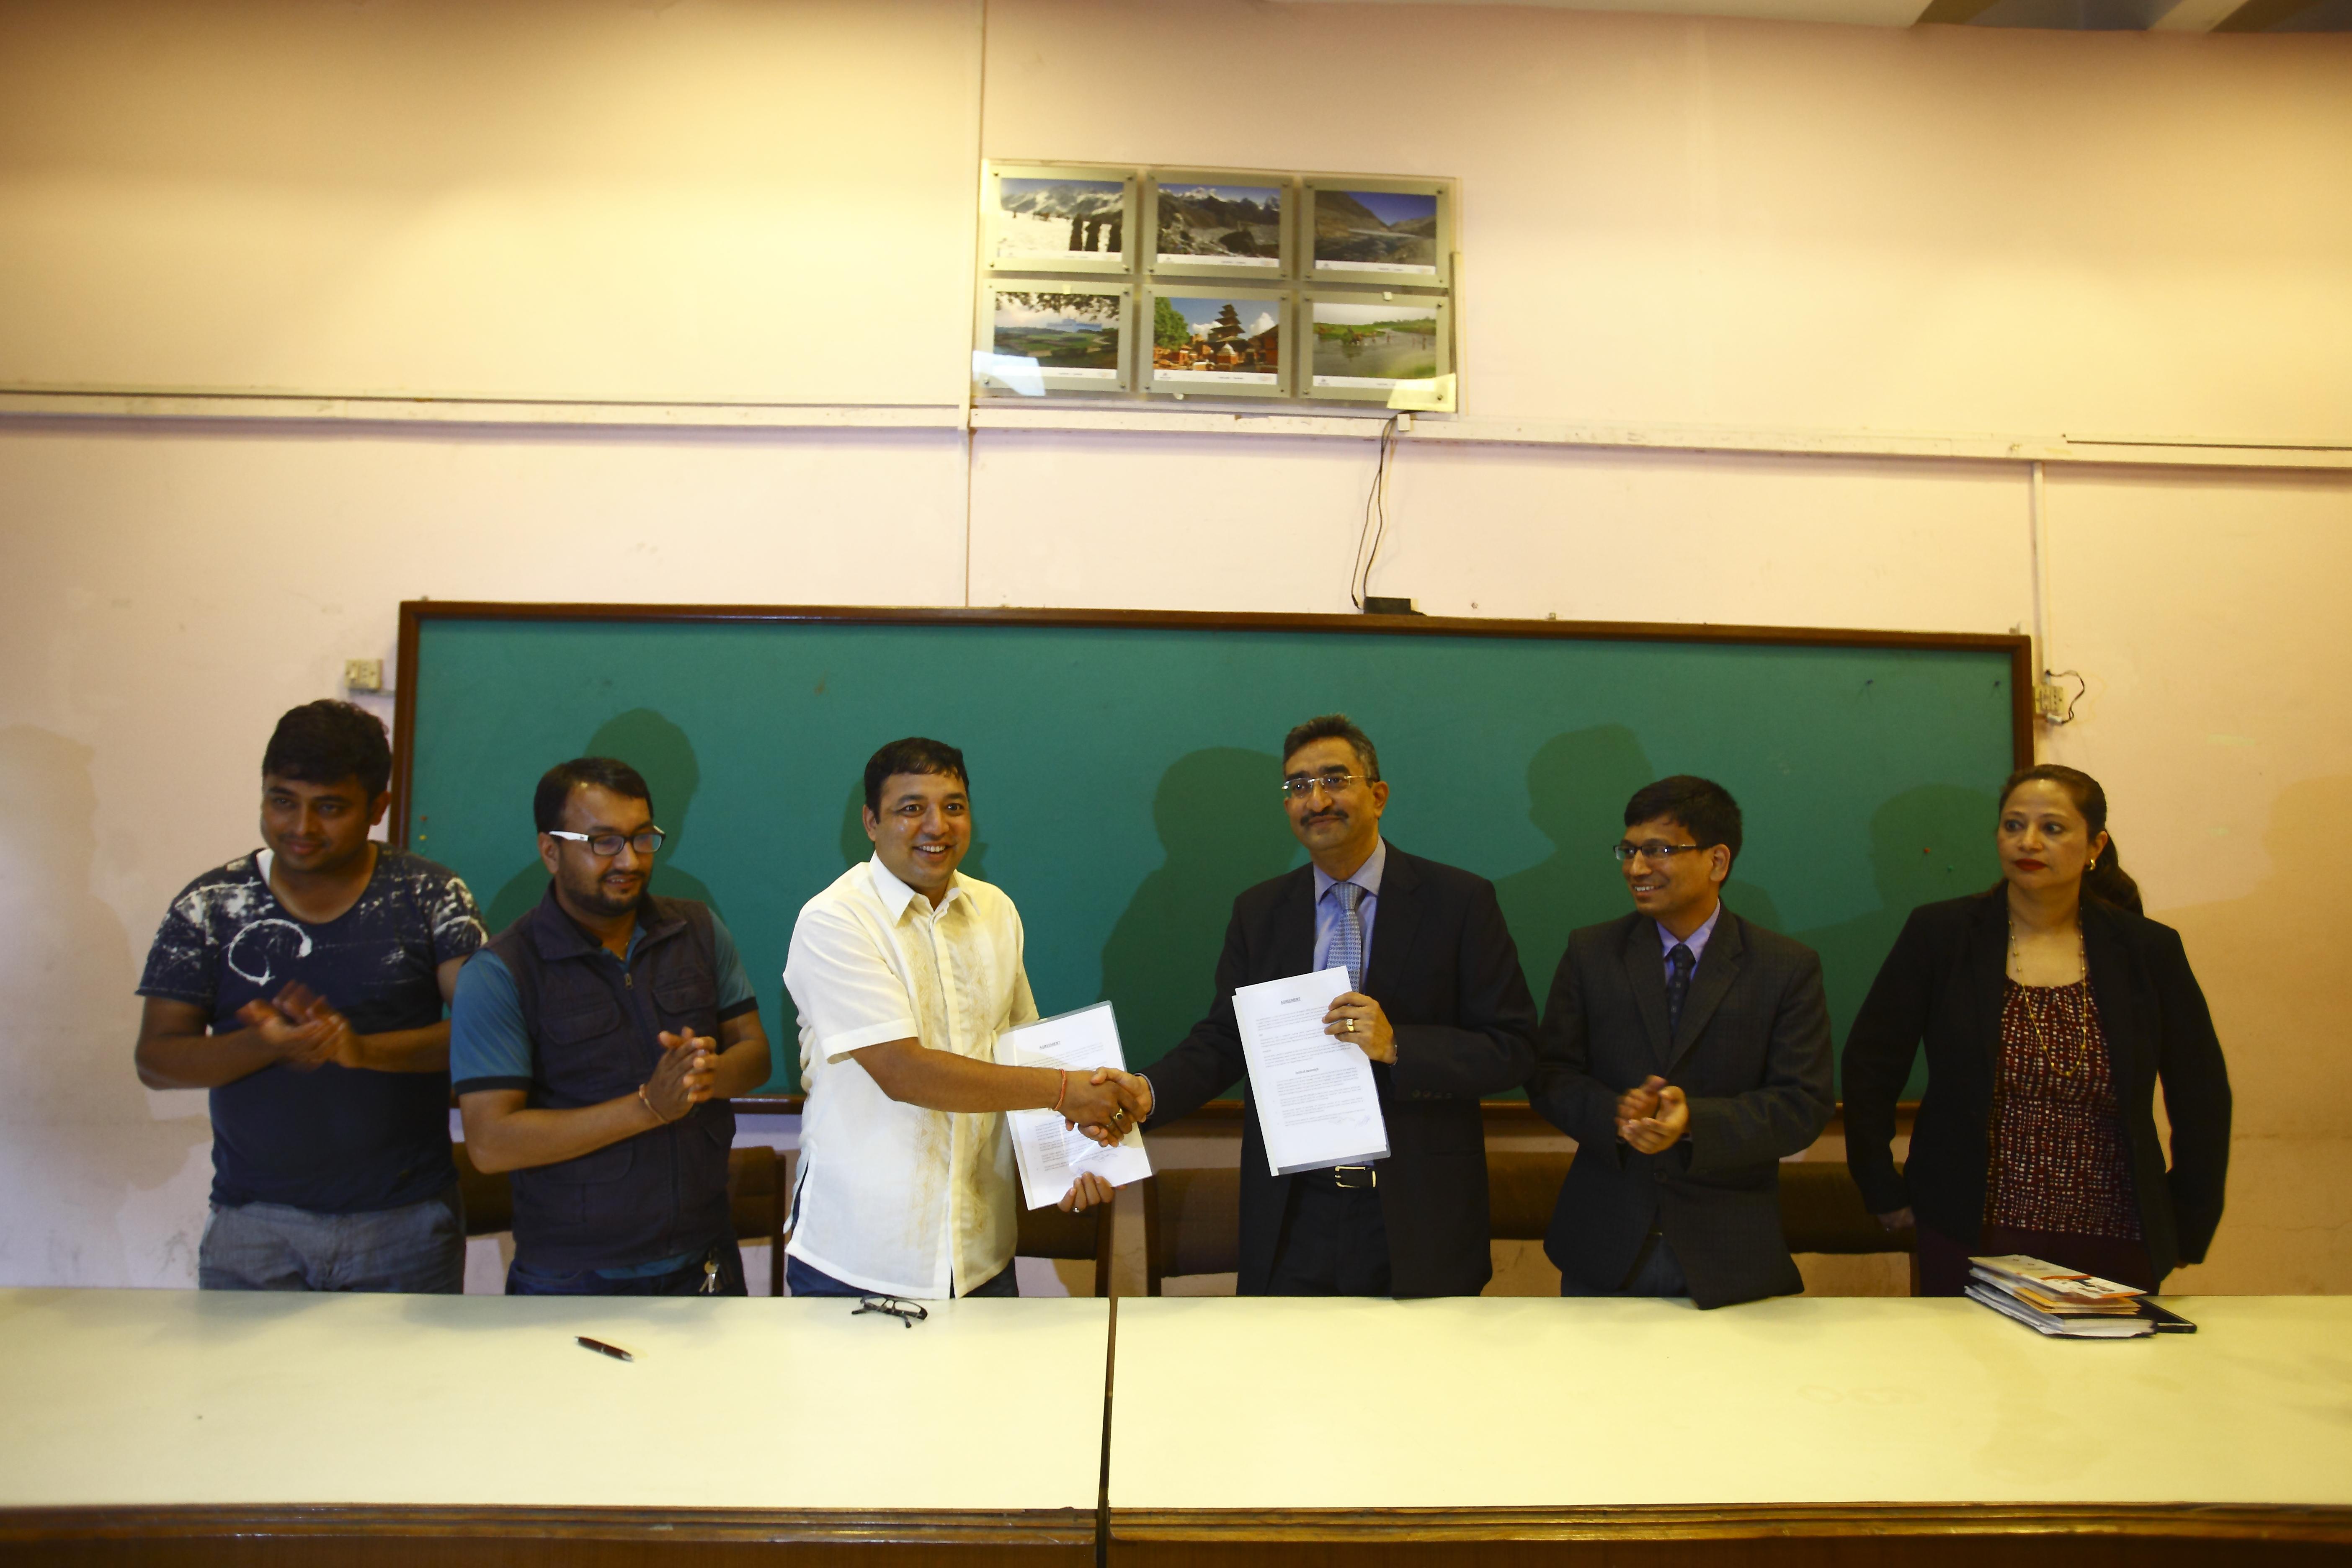 http://nepalitimes.com/assets/uploads/gallery/4193e-Journalist-insurance-Kathmandu.JPG